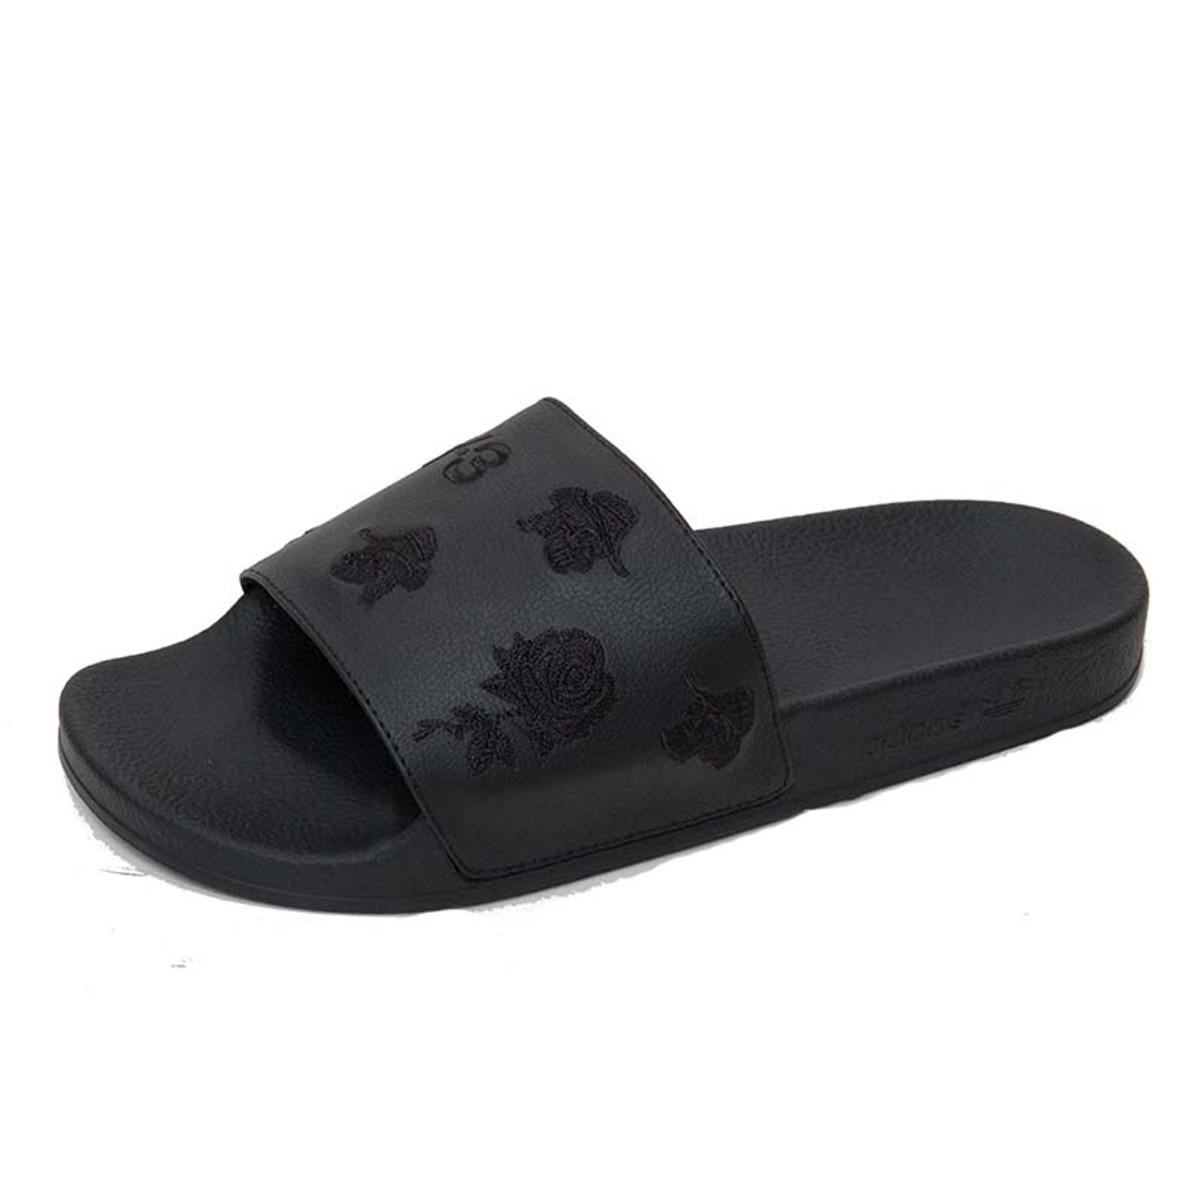 2511b46fb8b Adilette Slide Sandal